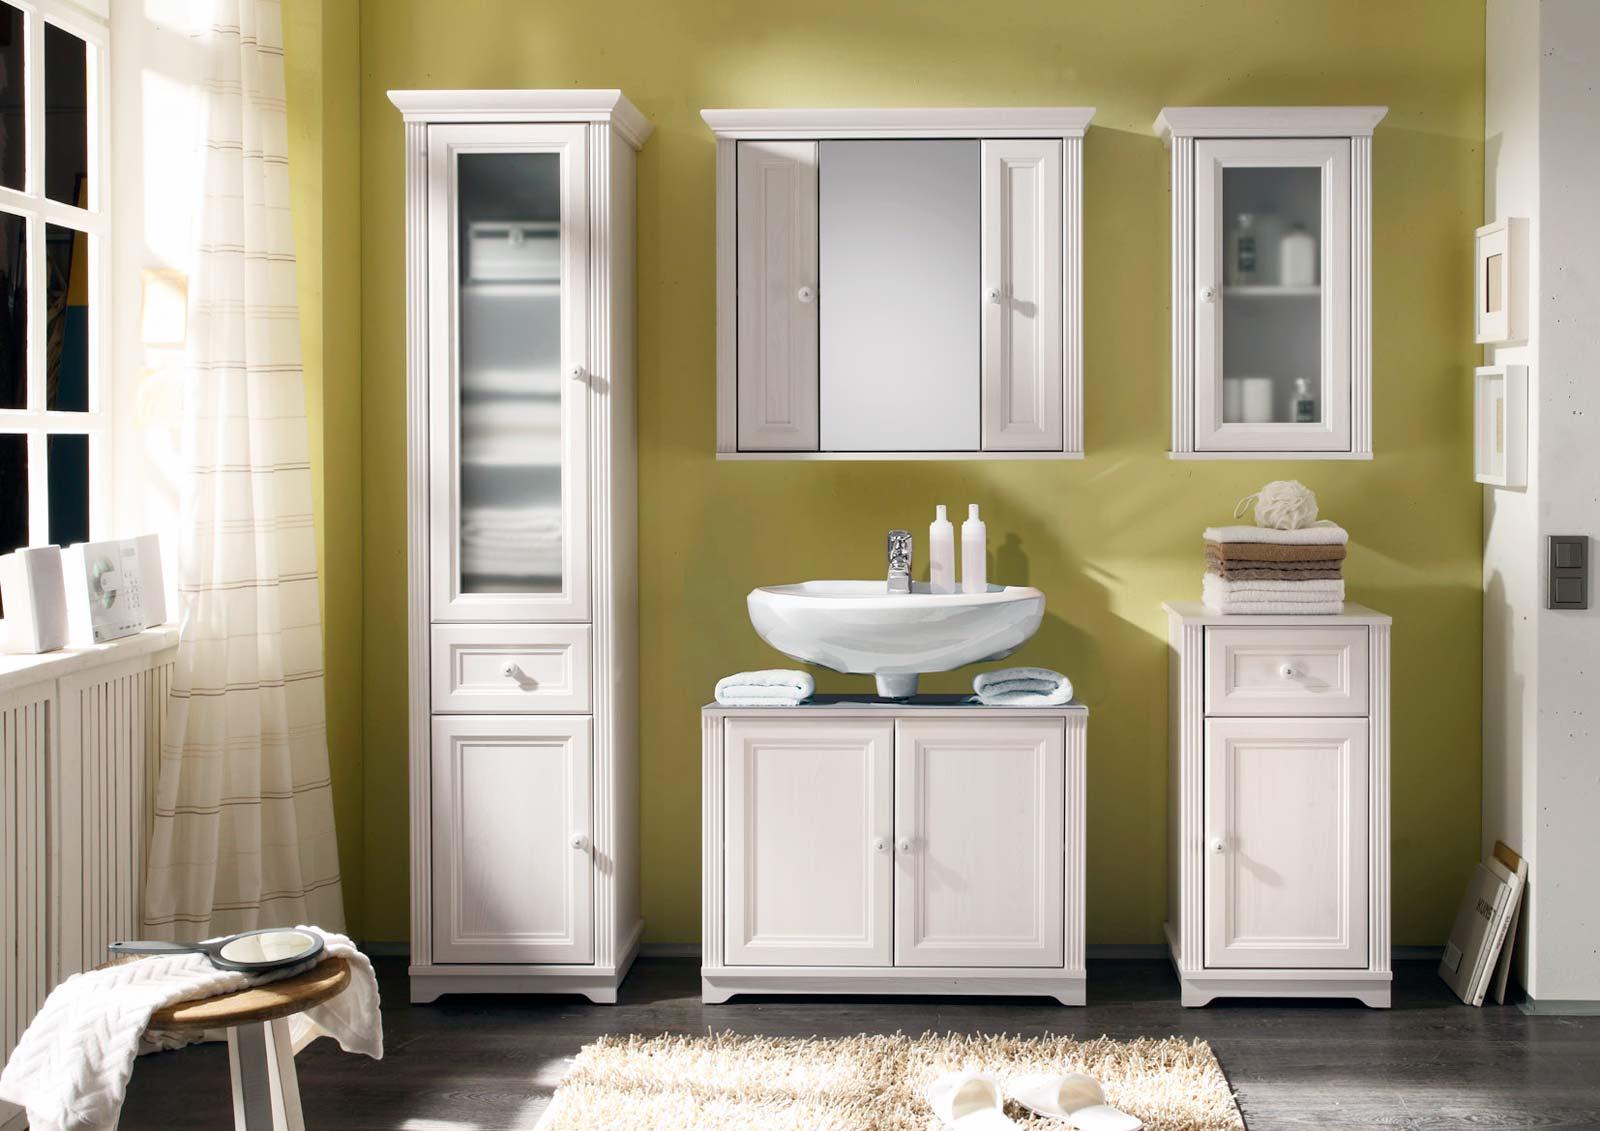 badm bel badblock komplettset badm belset badezimmer. Black Bedroom Furniture Sets. Home Design Ideas